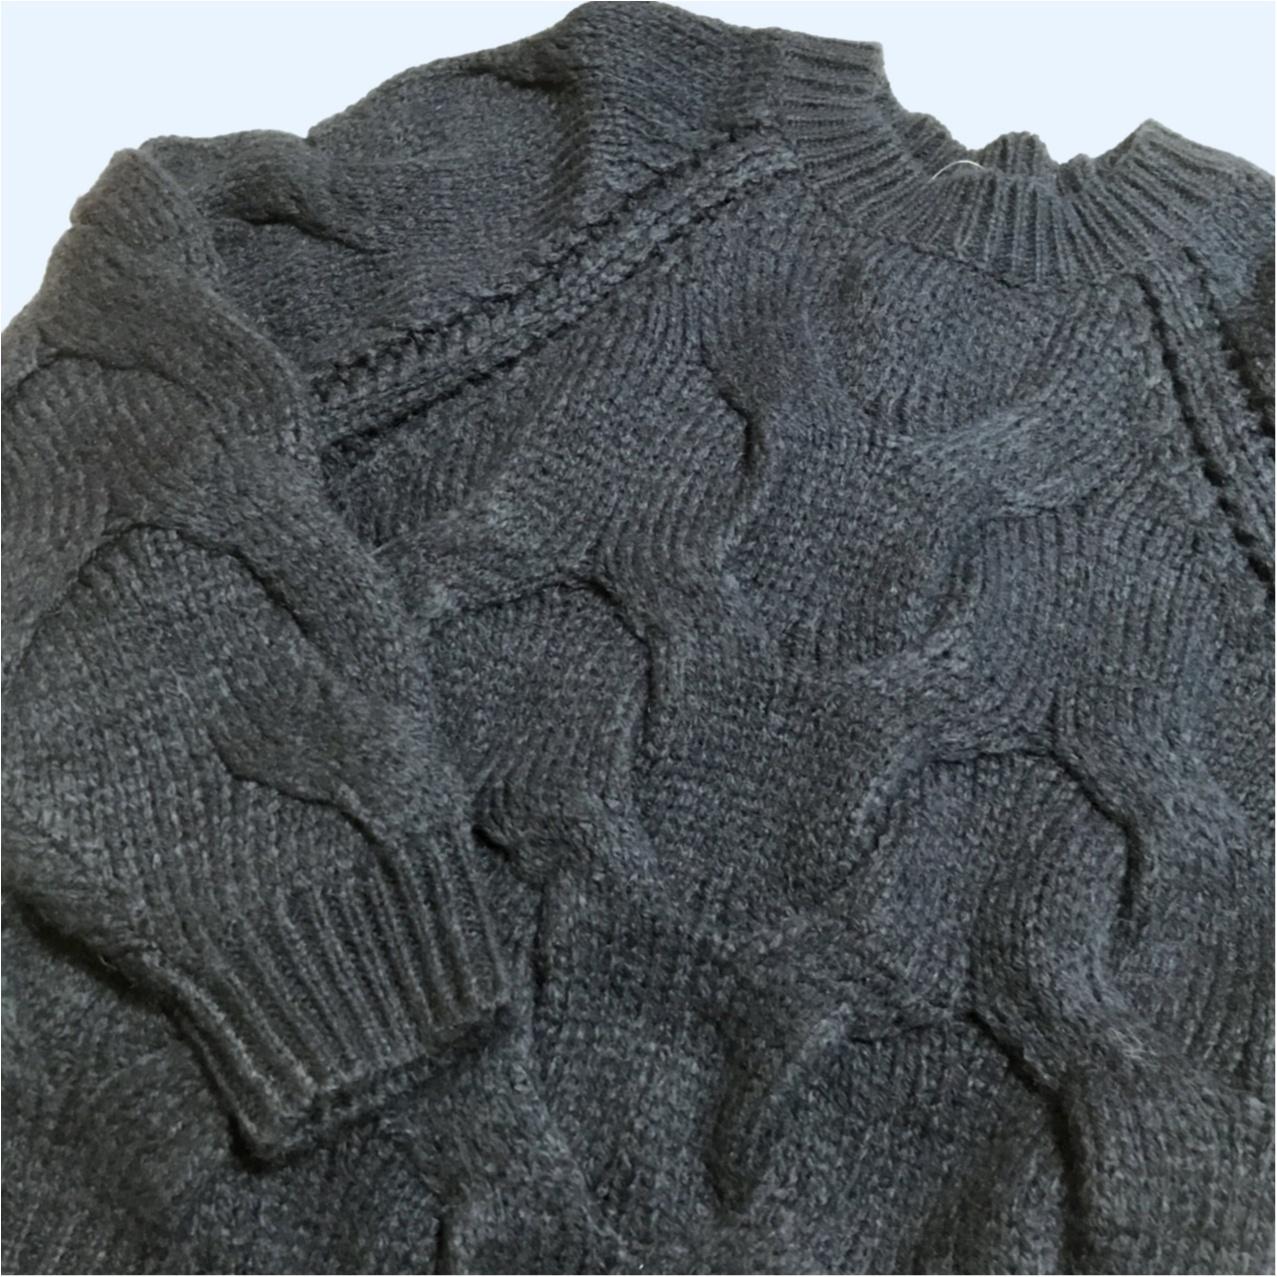 《超大型店限定》ざっくり感がかわいすぎっ♡ GUのケーブルセーター!_3